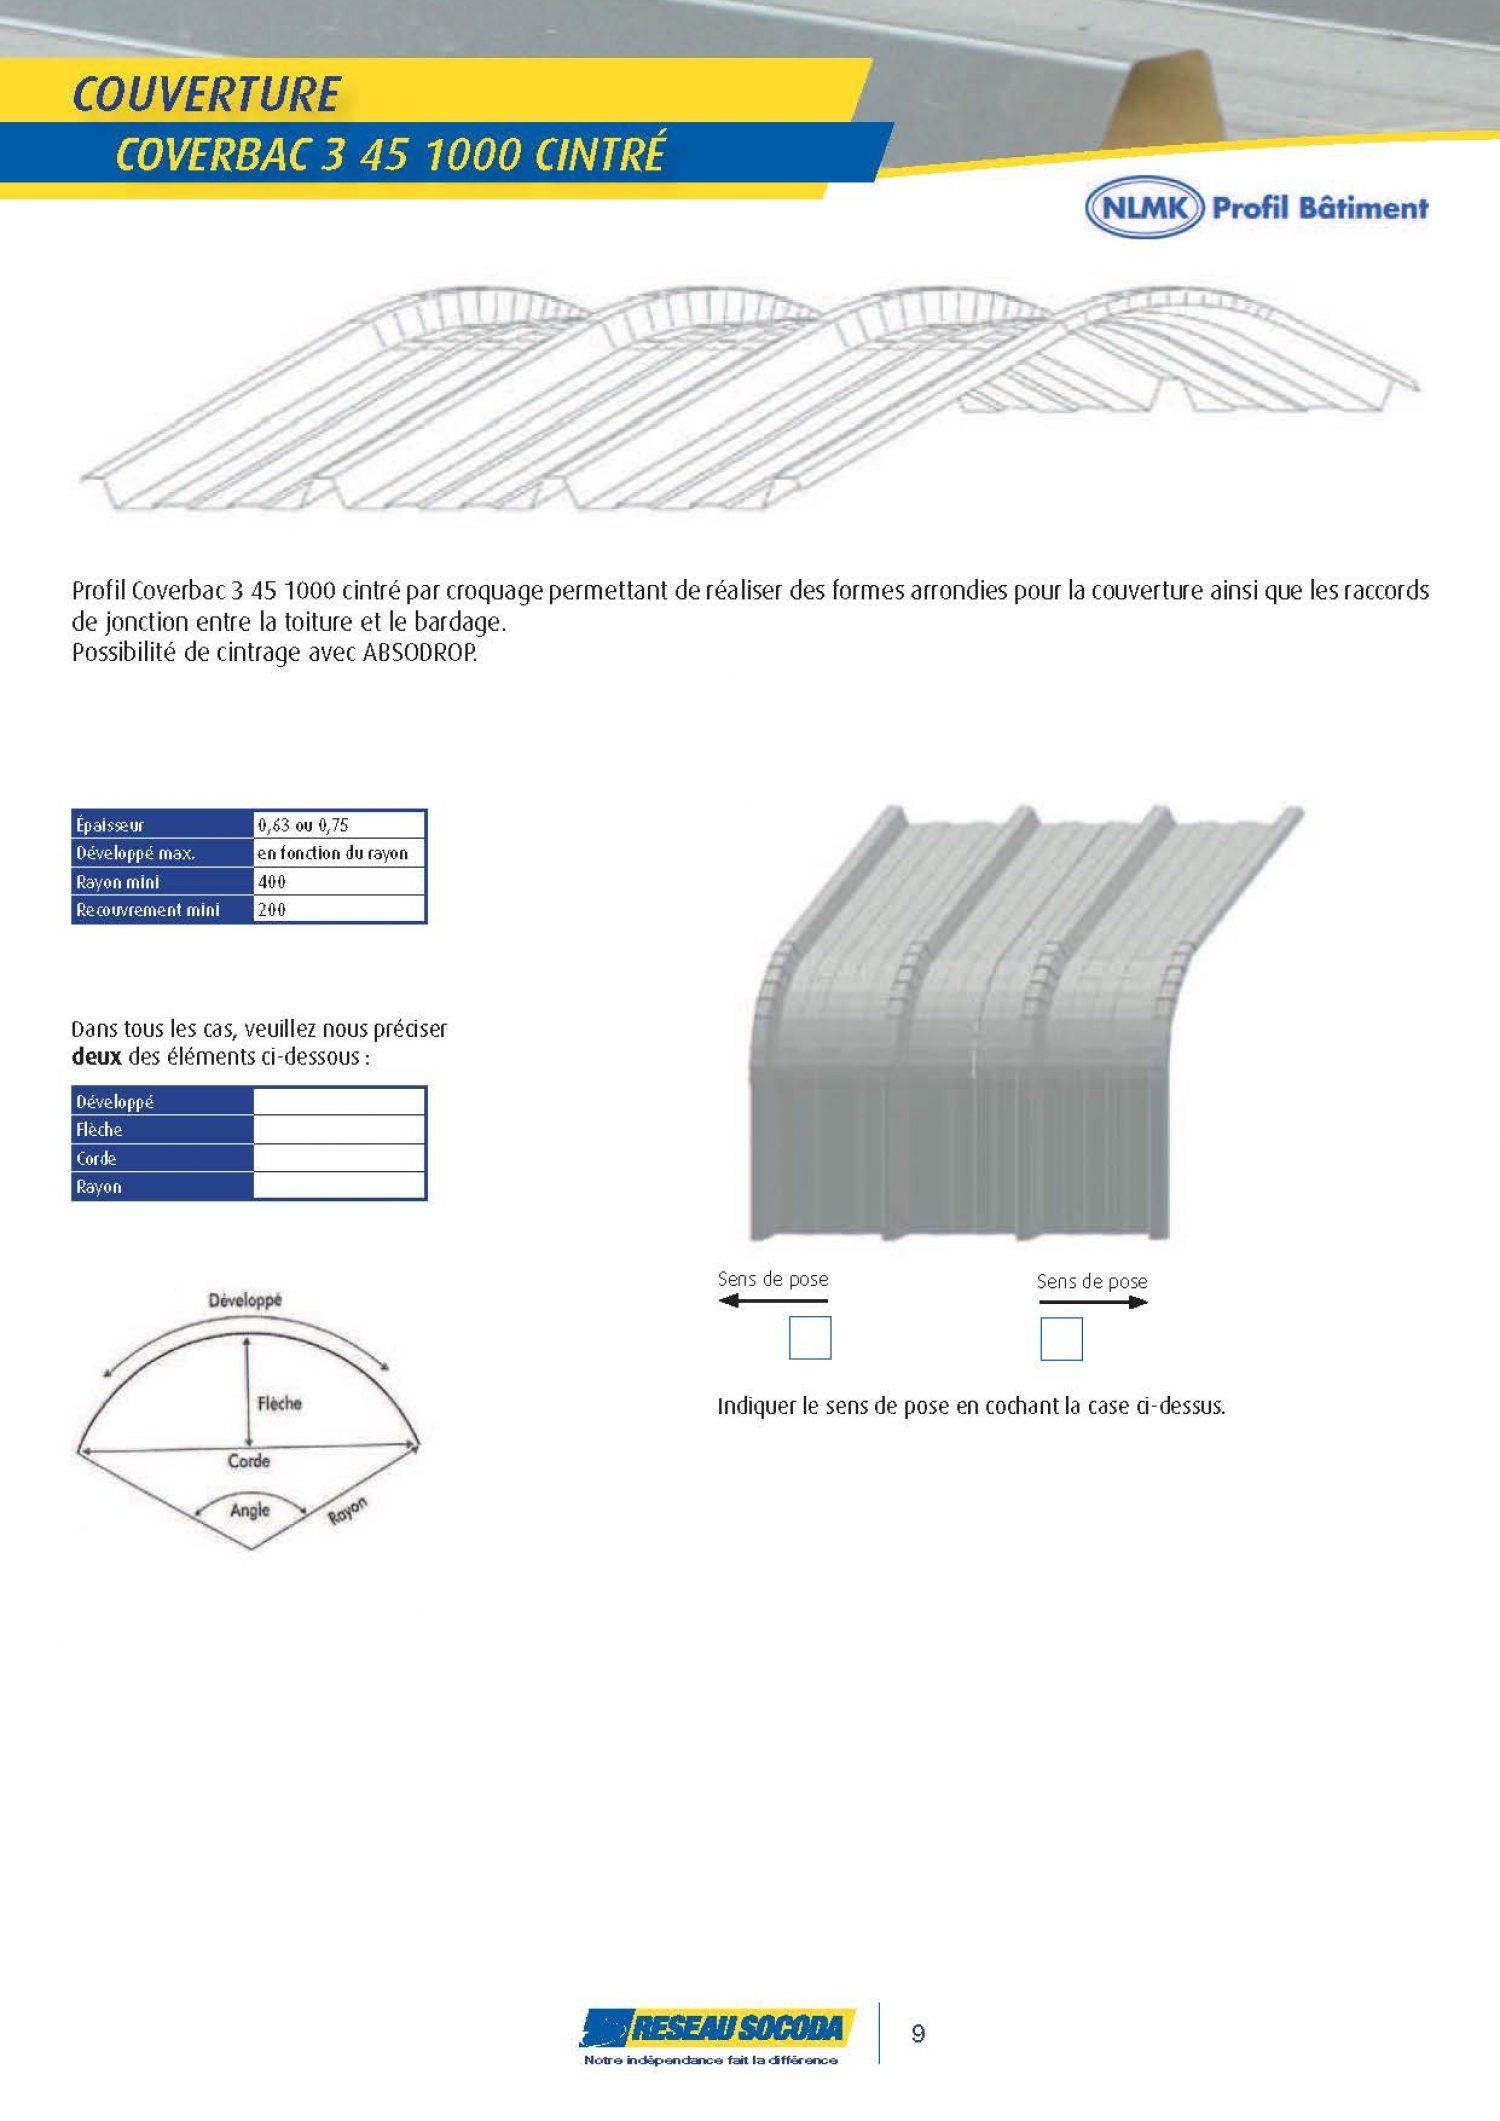 GERMOND_2014 PROFIL BATIMENT_20140324-184231_Page_09